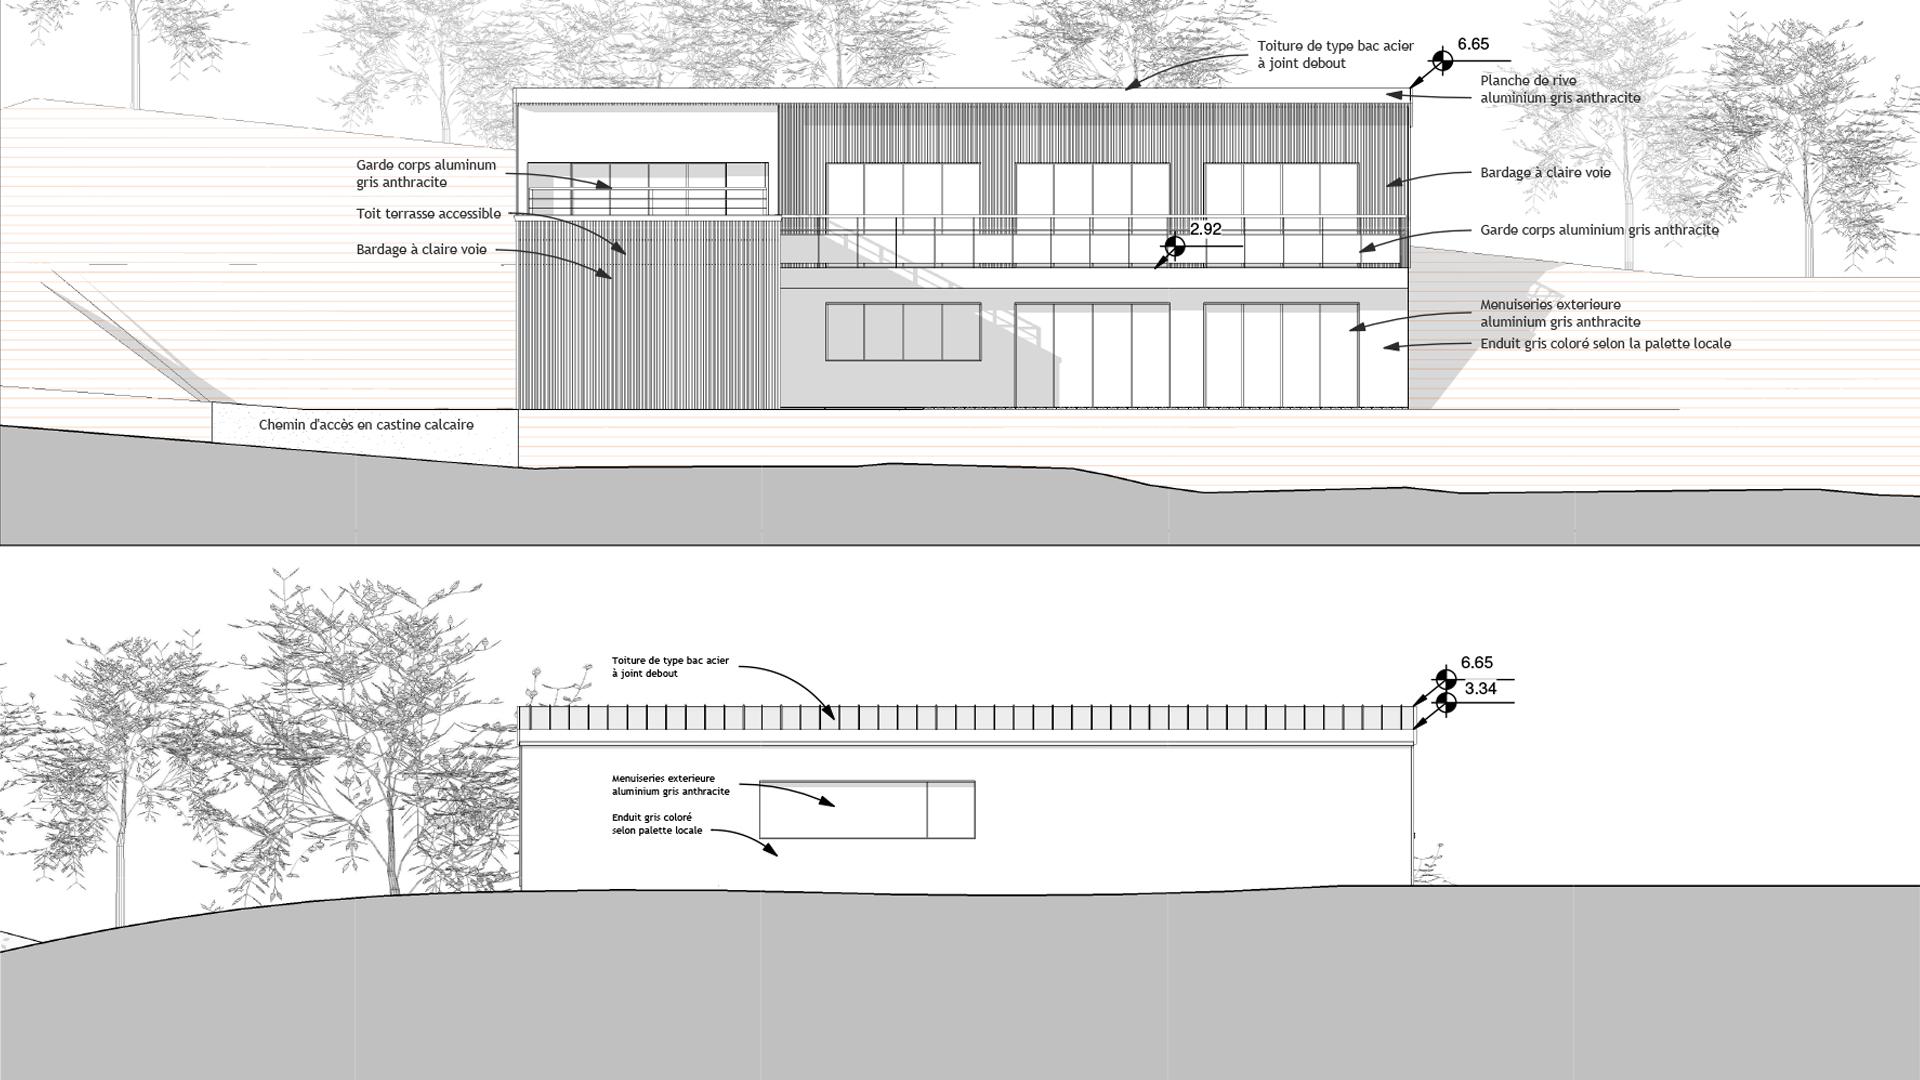 2018-07_Belpech_Maison_Plan-facade_Jeremy-Garcia_1